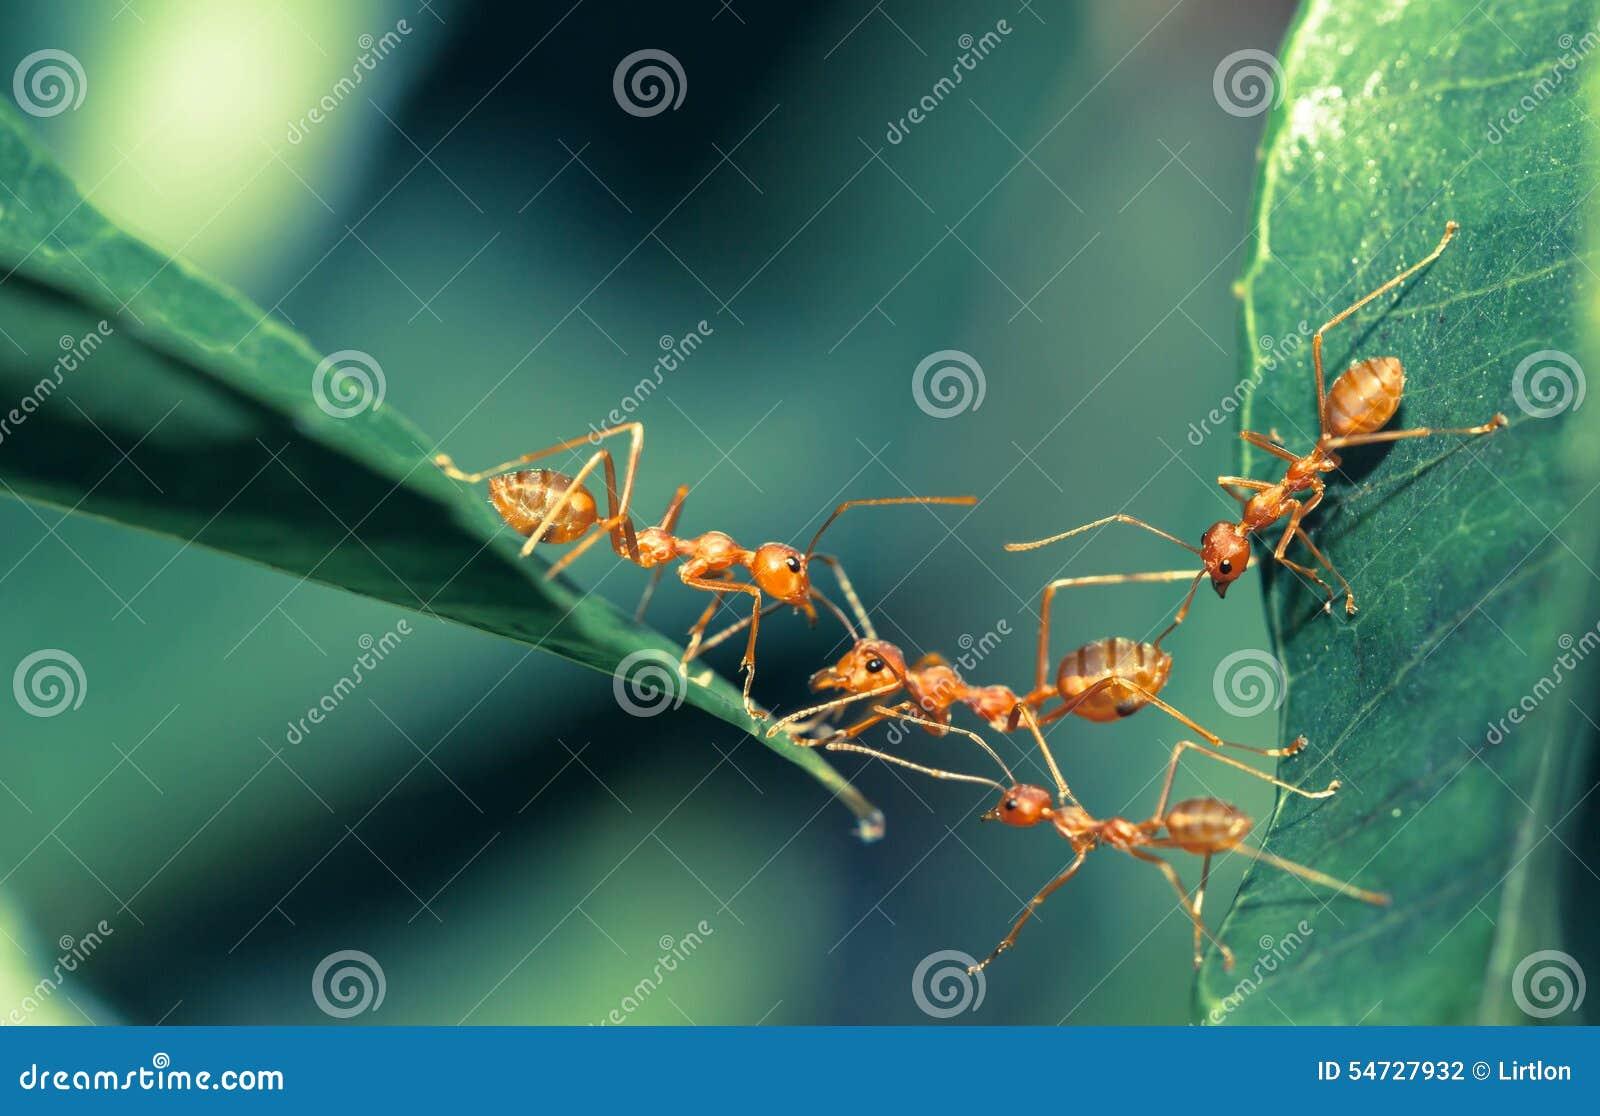 Unity In Nature Ant Bridge Unity Stock...